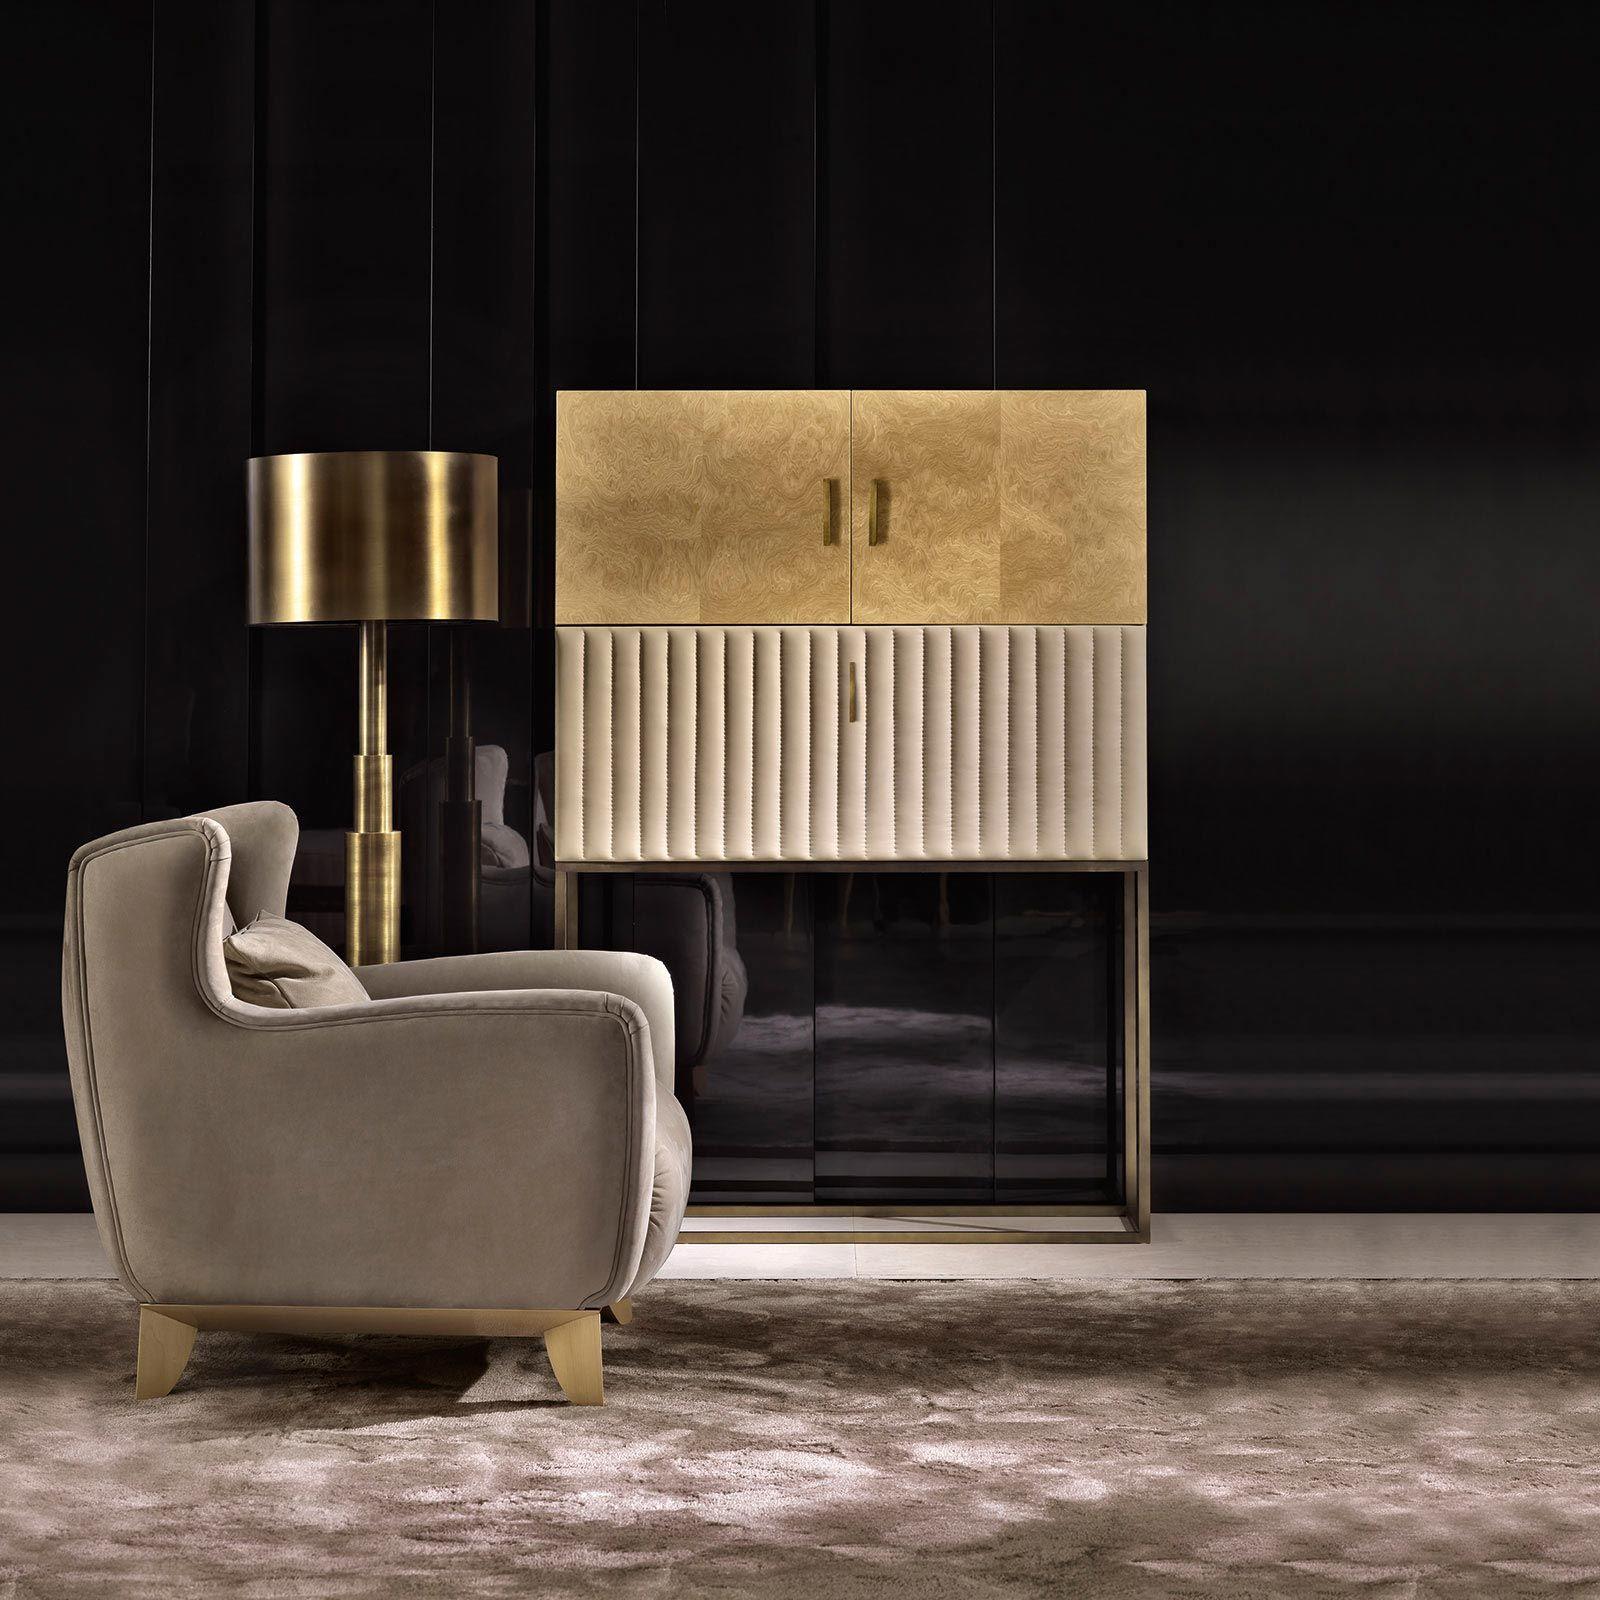 Daytona arredamento contemporaneo moderno di lusso arredo e mobili in stile art dec per la